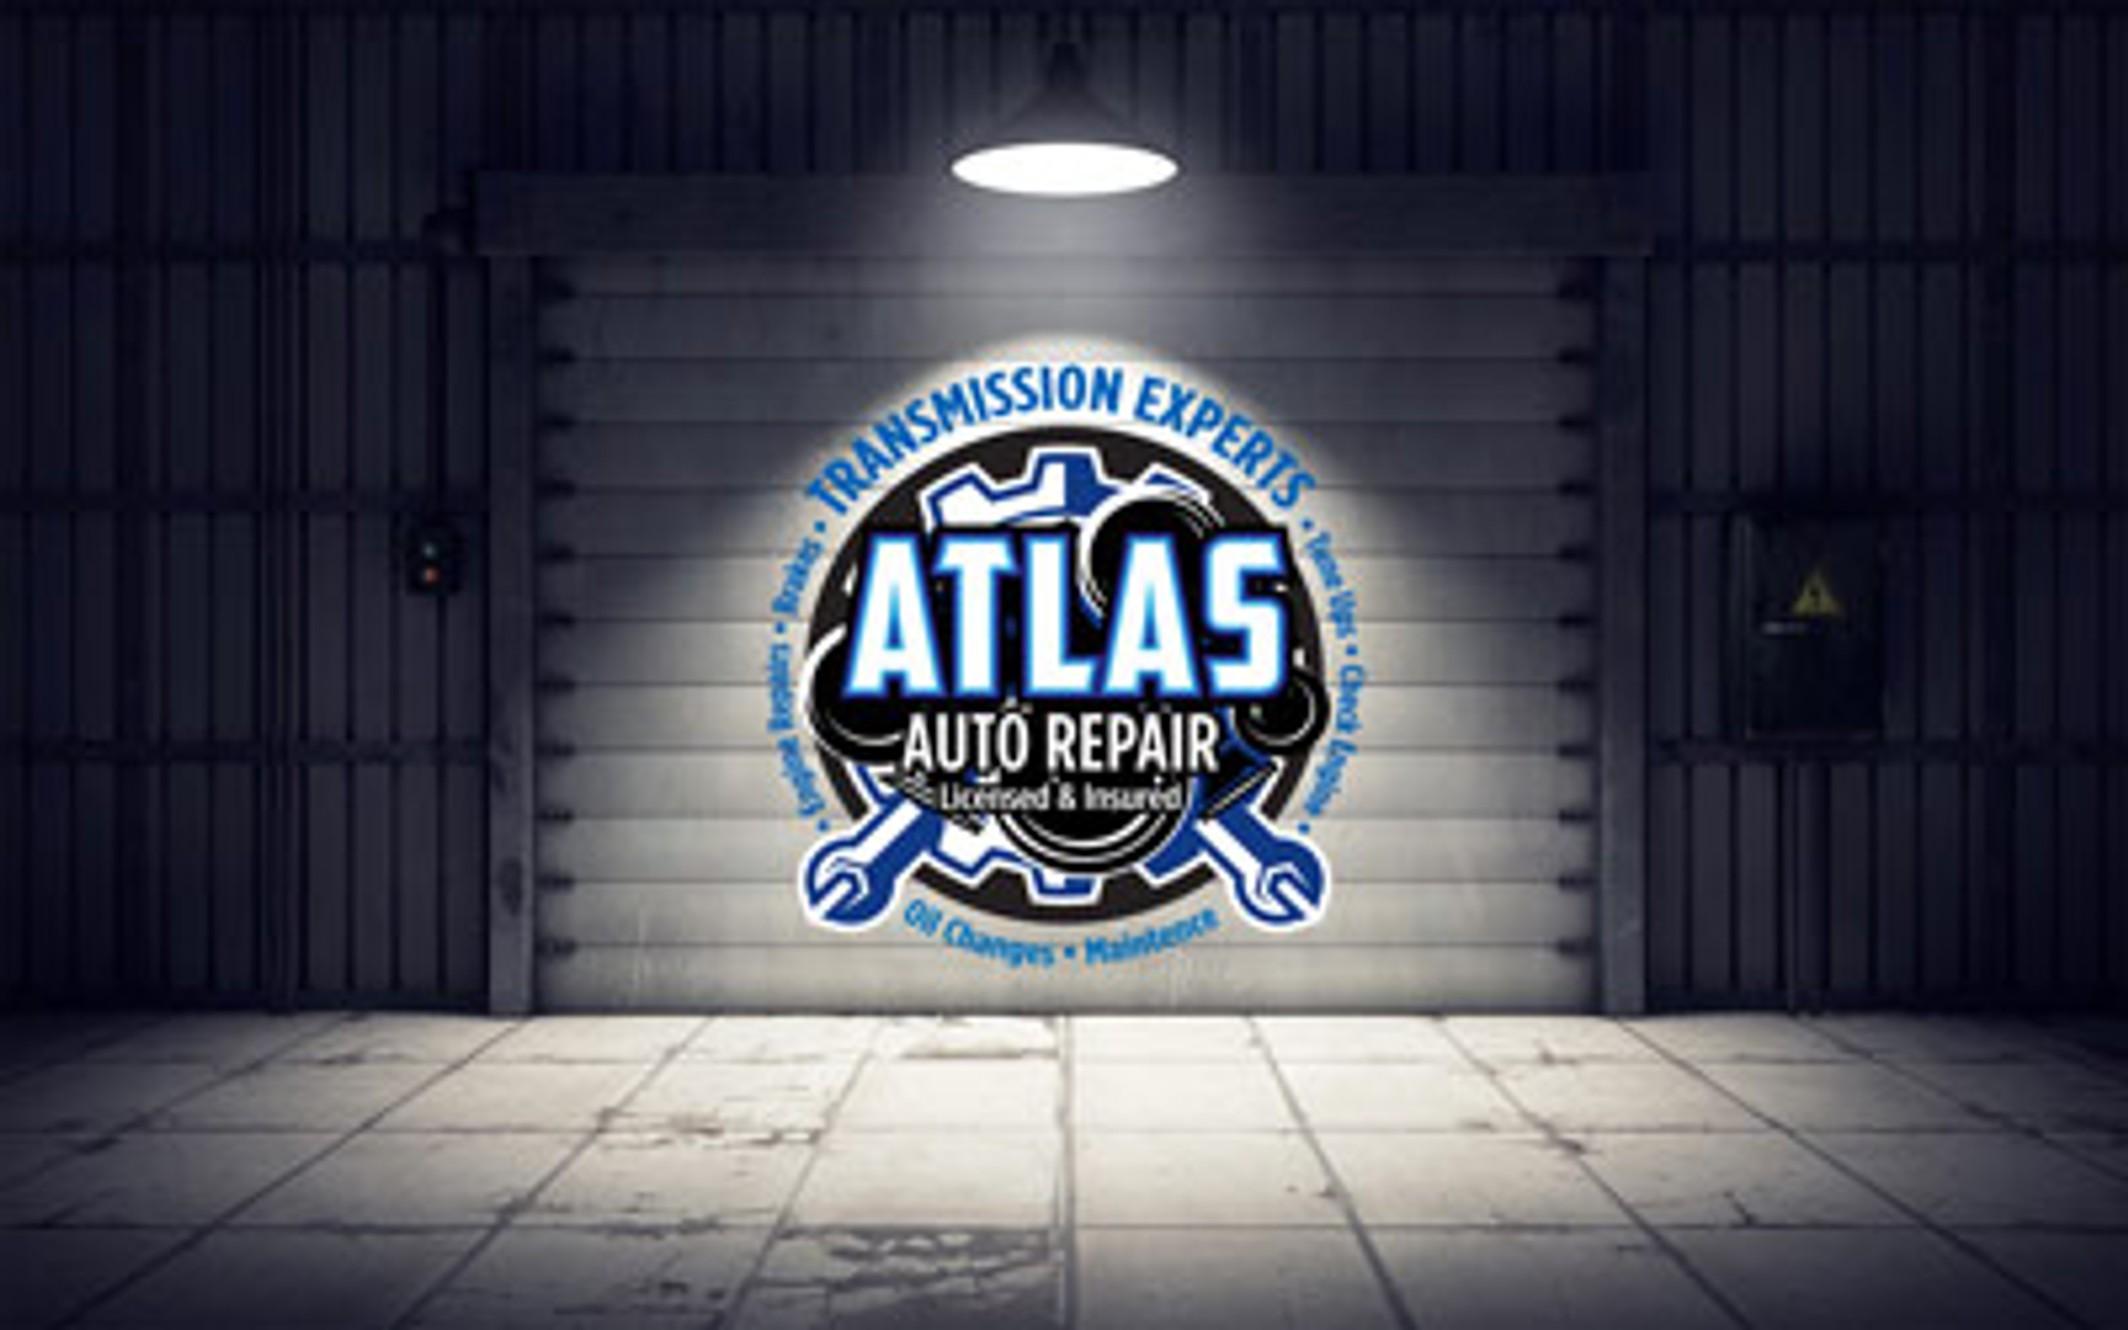 Get the Best Auto Repair Service in Winter Park, Florida – Atlas Auto Repair